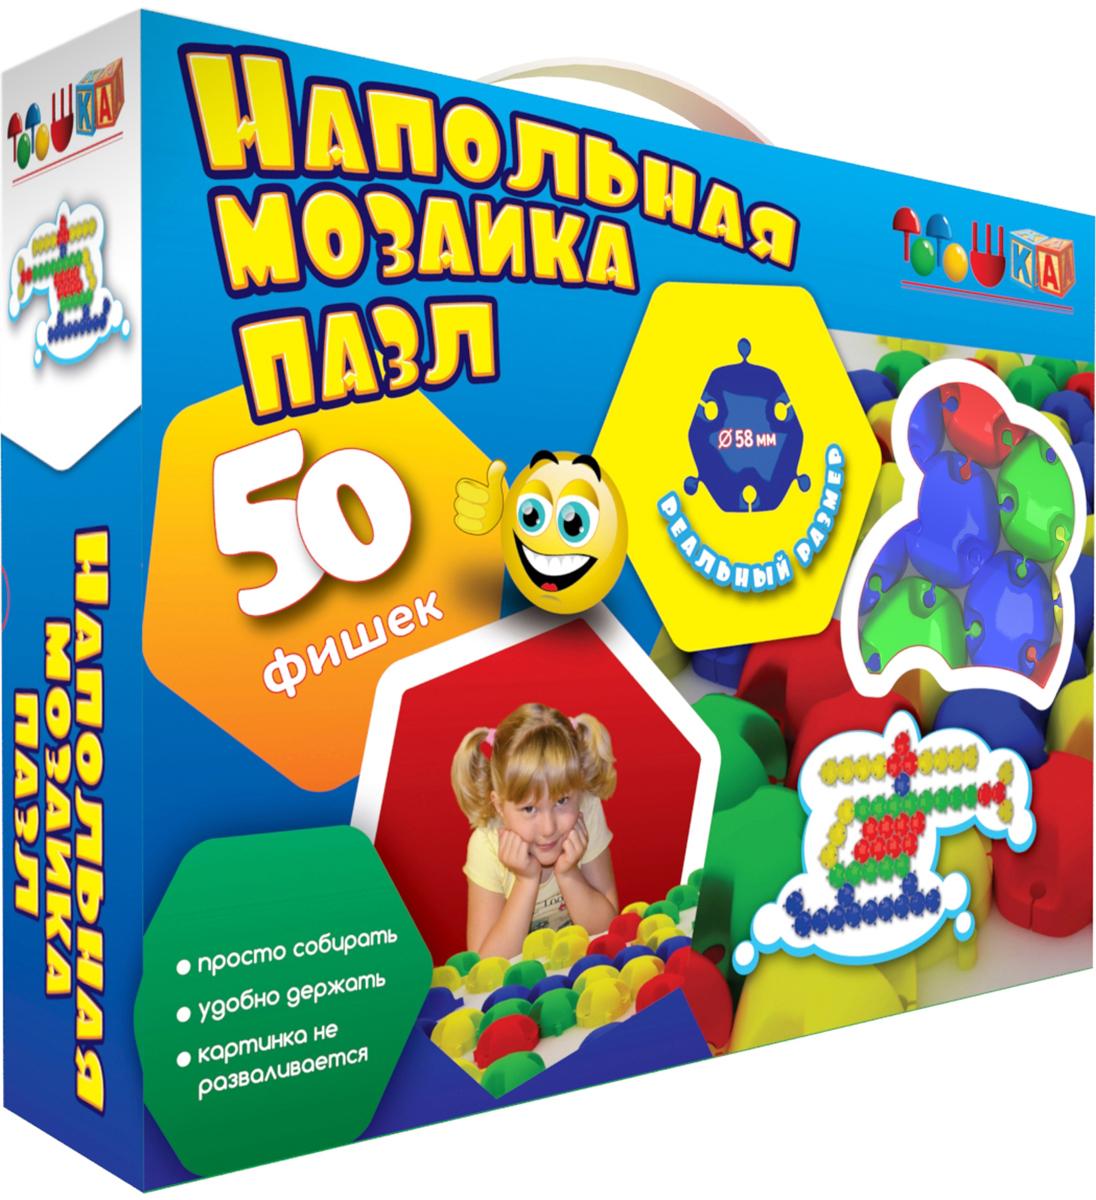 Тотошка Мозаика напольная 50 элементовтт00-105Мозаика – пазл увлекательная игра для детей от 2х лет и старше. Она разовьет у ребенка творческие способности, воображение, координацию движений, моторику рук и ориентировку на плоскости. Элементы выполнены из легких не бьющихся , легко моющихся , высококачественных материалов, абсолютно безопасных для здоровья ребенка. Дизайн элементов дает ребенку уникальную возможность легко извлекать фишки. Специально разработанный вид крепления помогает создавать подвижные пластичные конструкции.